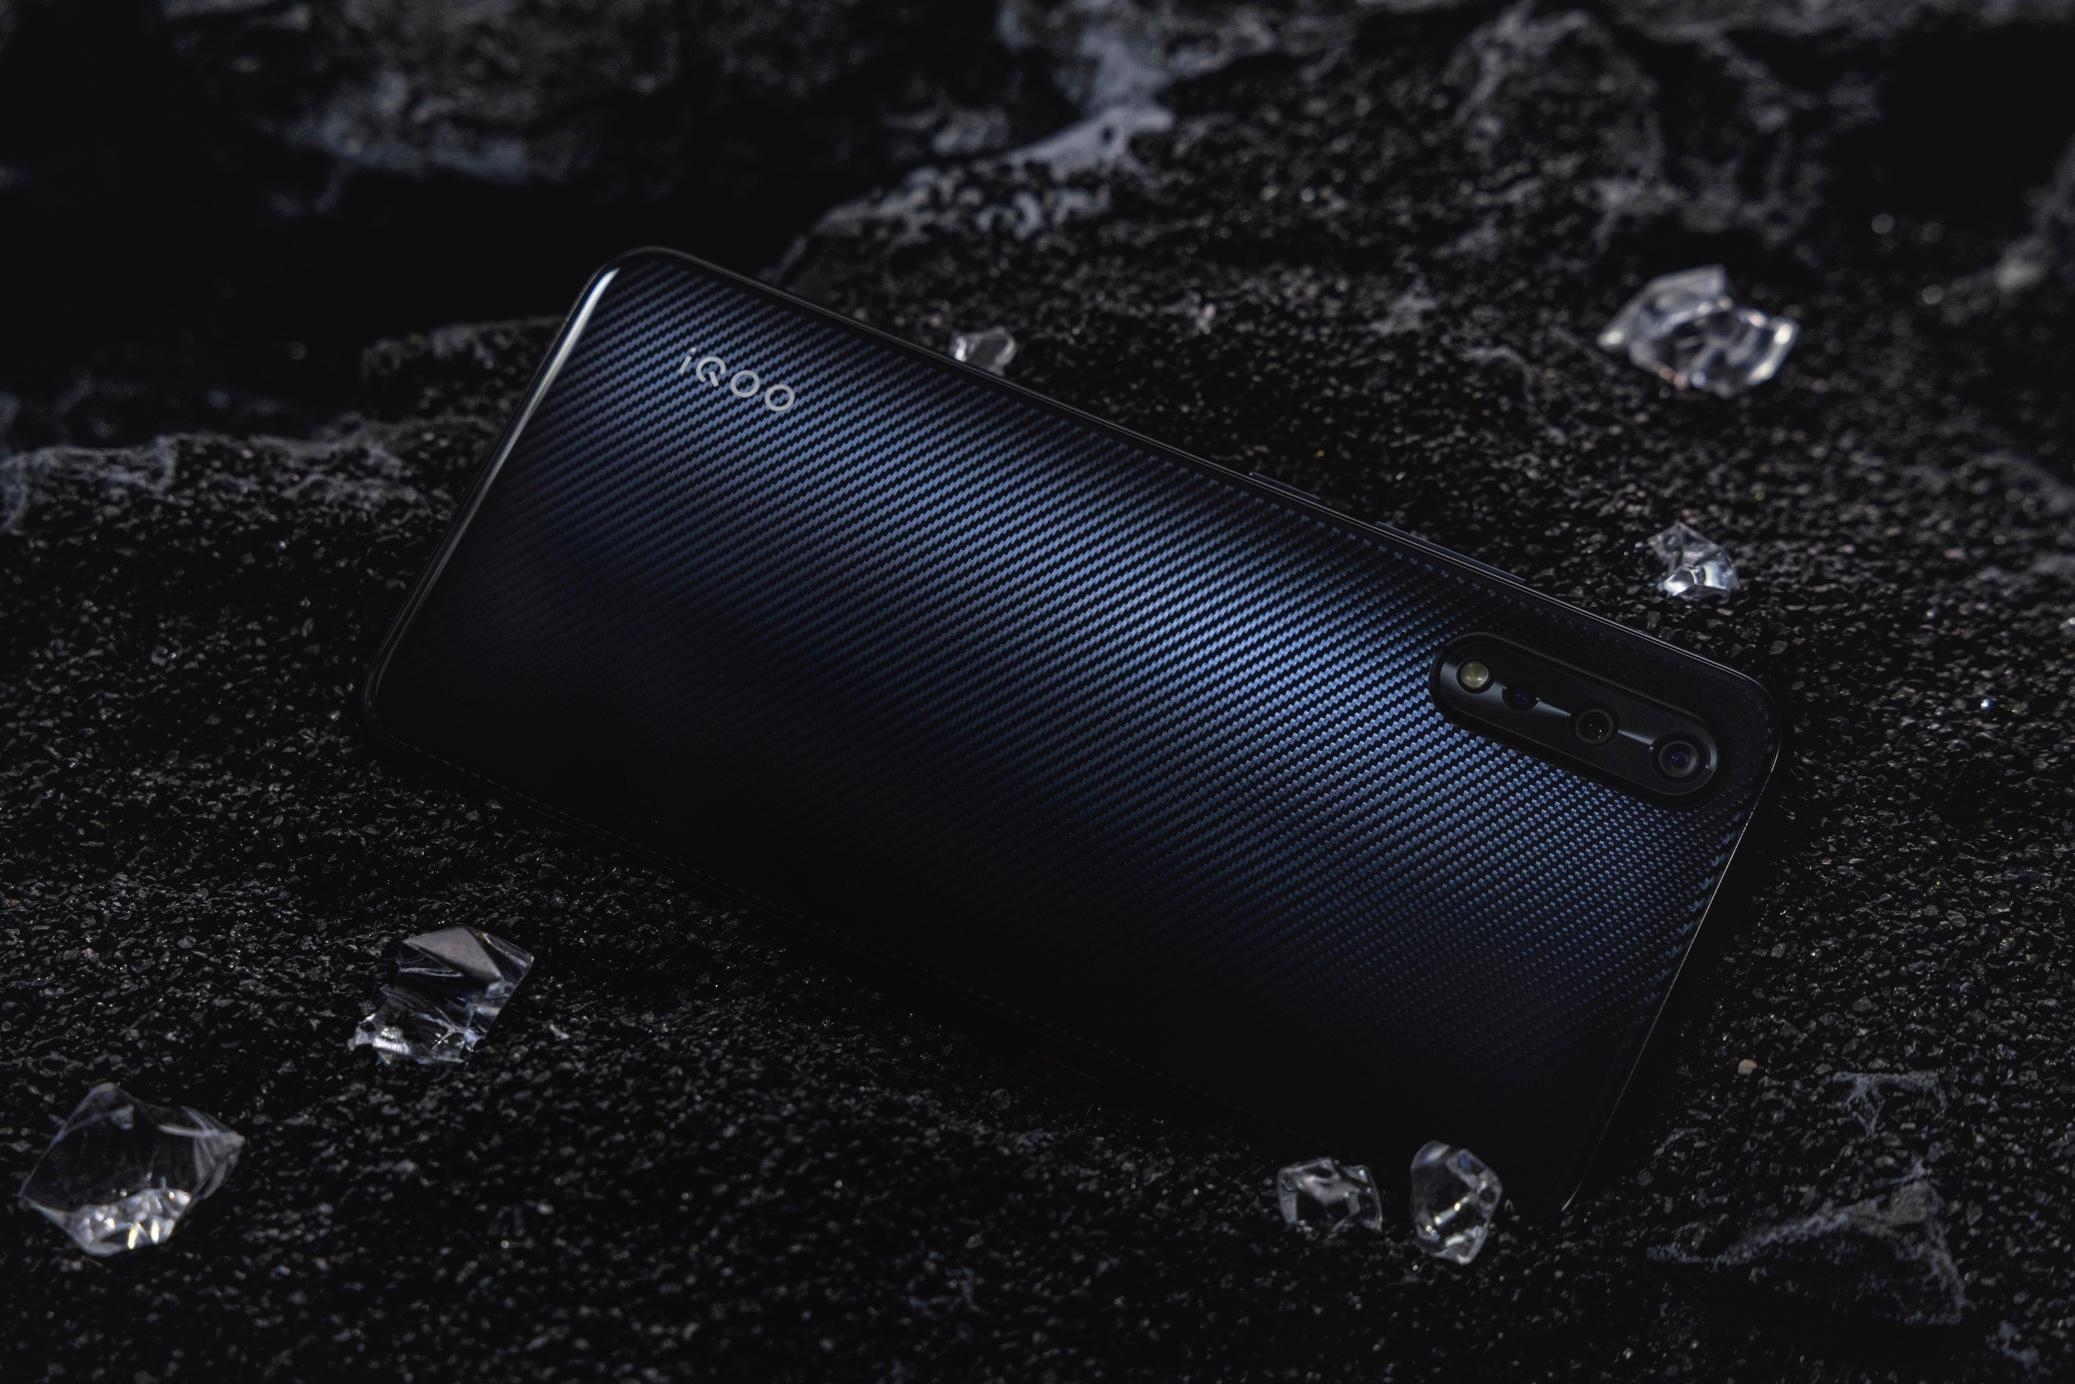 高通宣布骁龙855 Plus正式发布 iQOO手机官博疯狂暗示